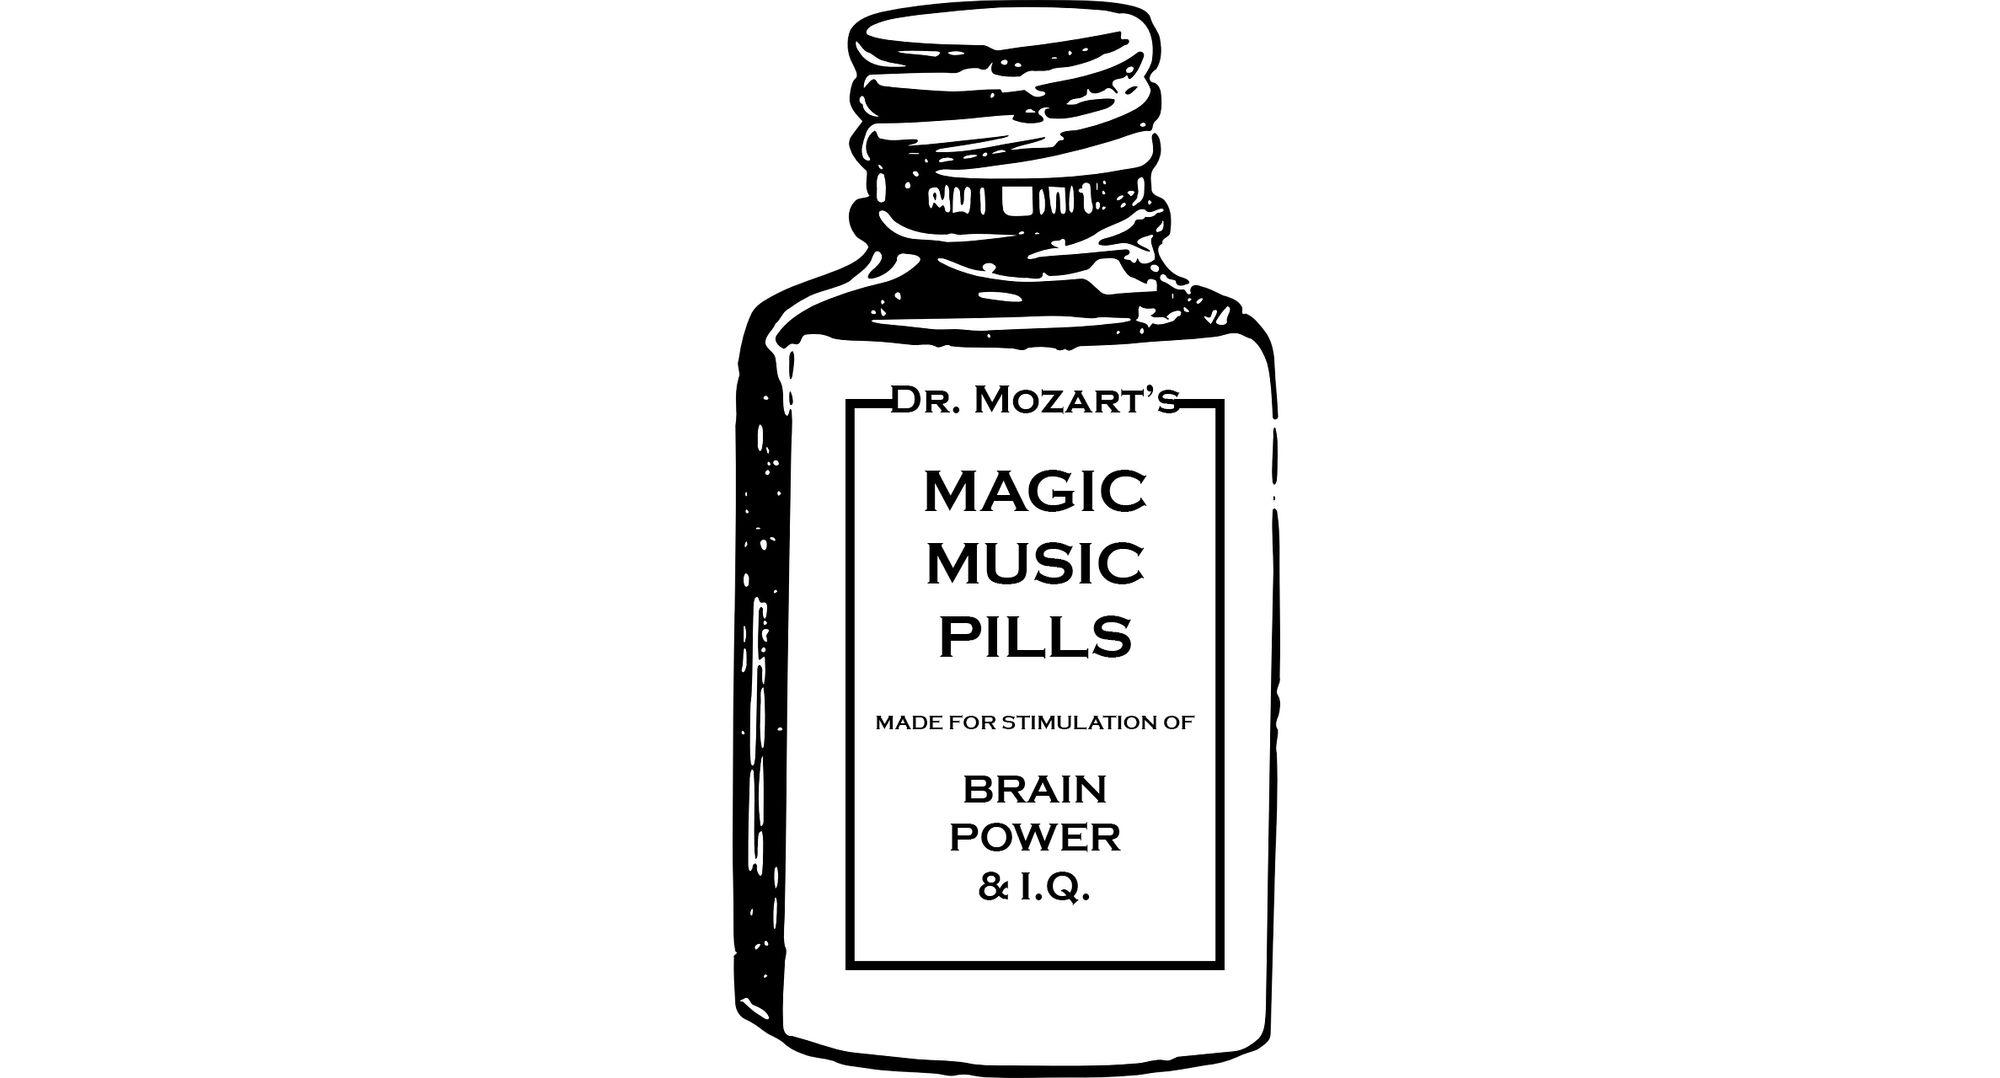 Dr. Mozart Magic Music Pills